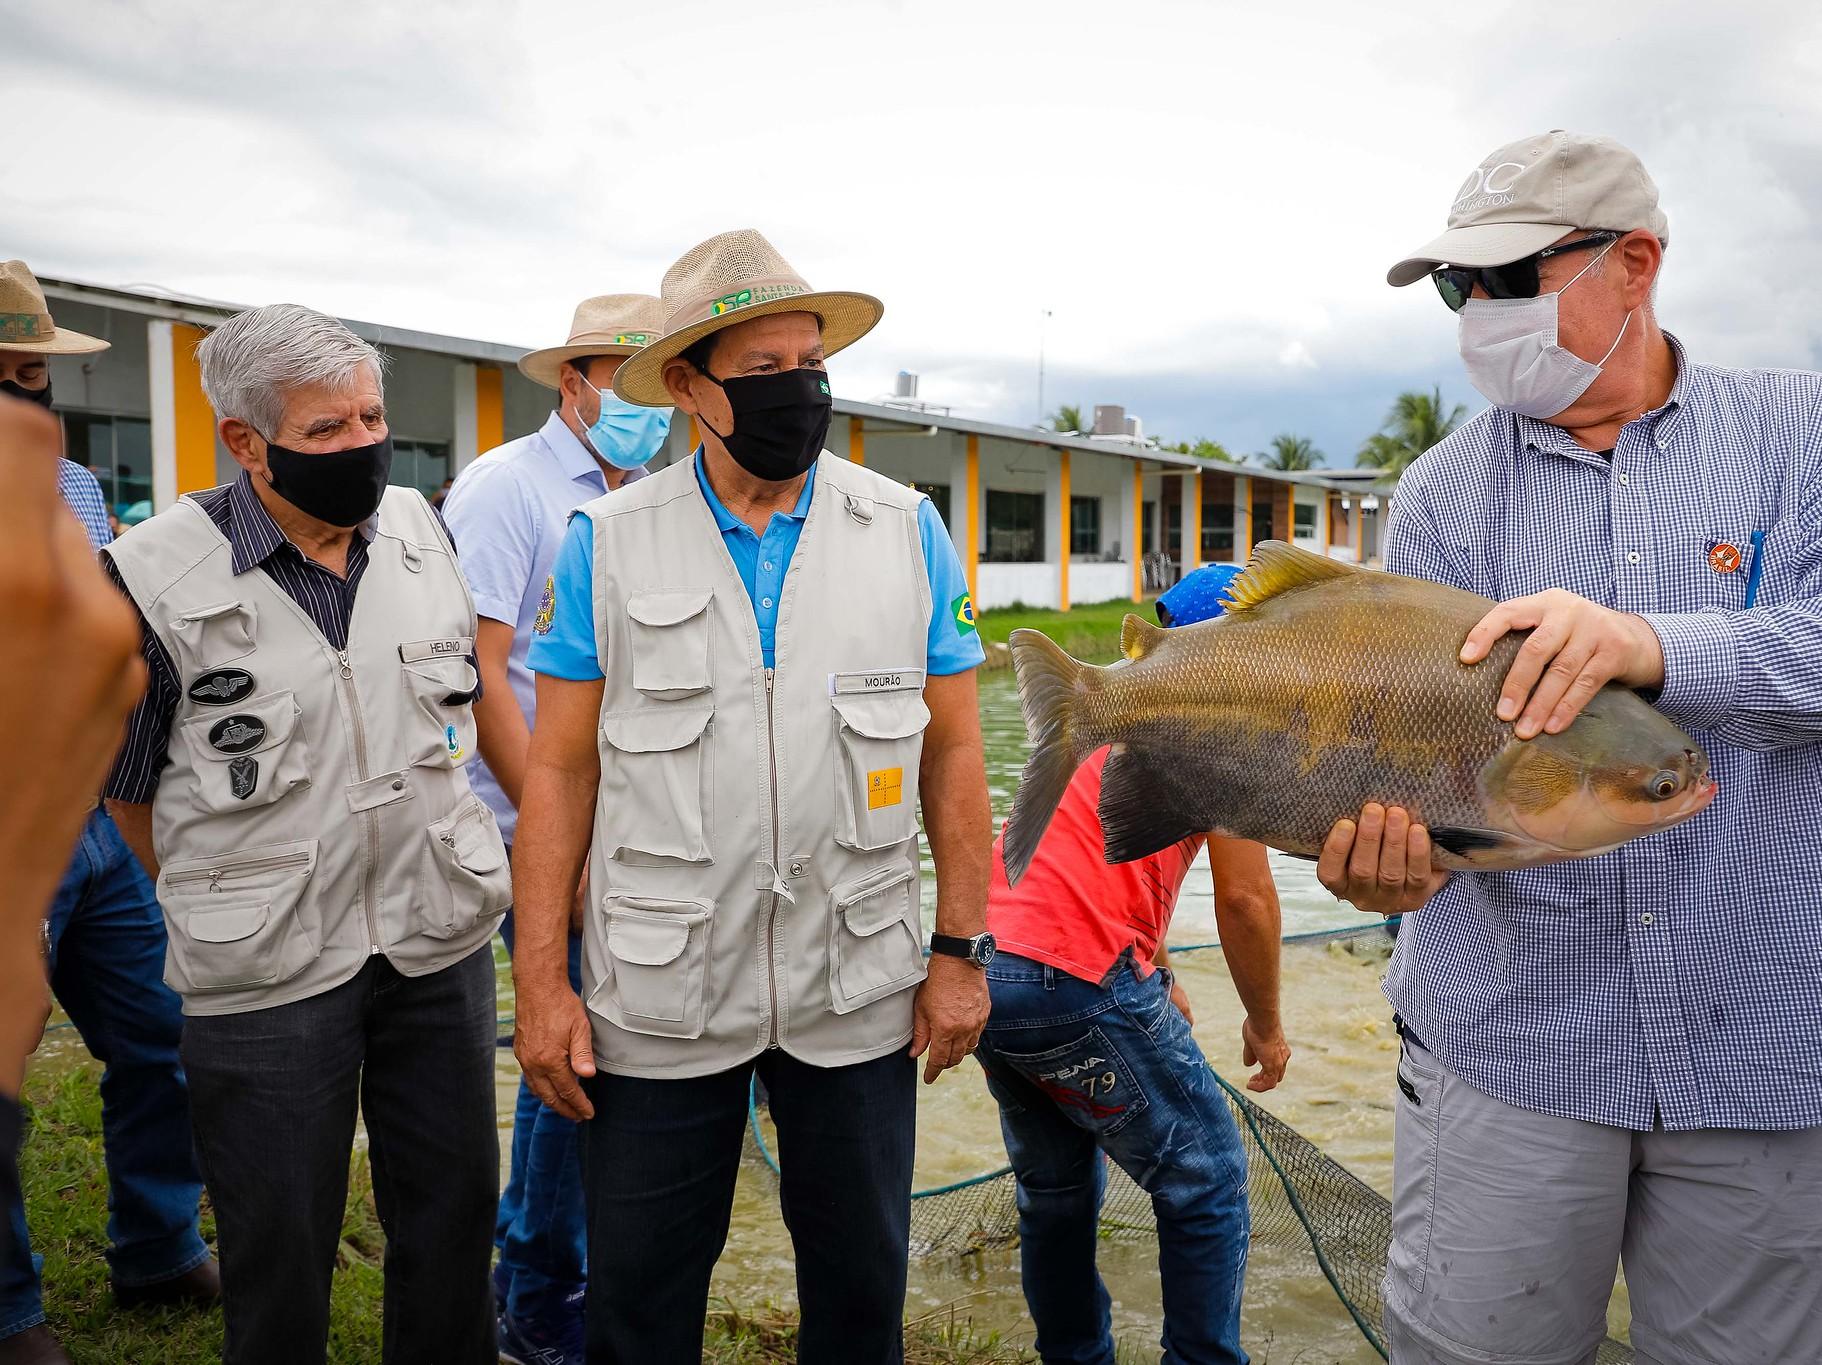 Especial: embaixadores visitam comunidade Yanomami no último dia da viagem à Amazônia